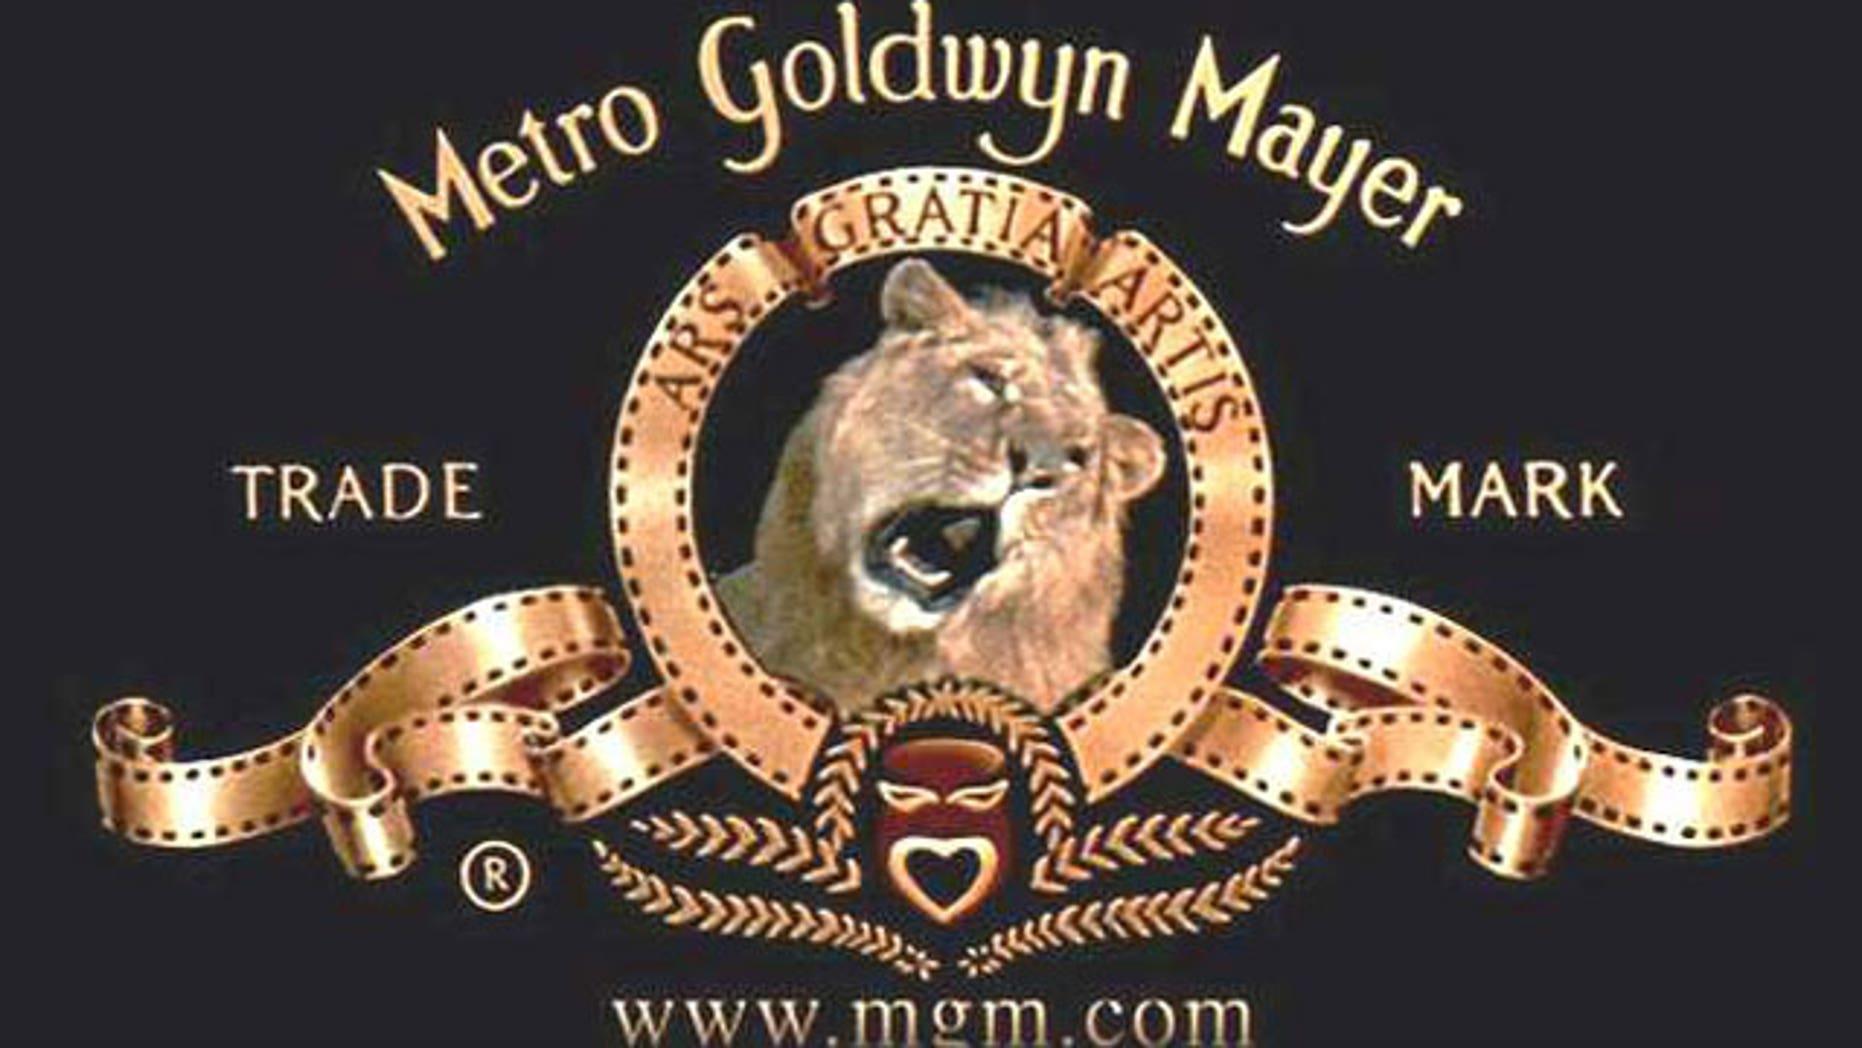 Metro-Goldwyn Mayer was established in 1924.